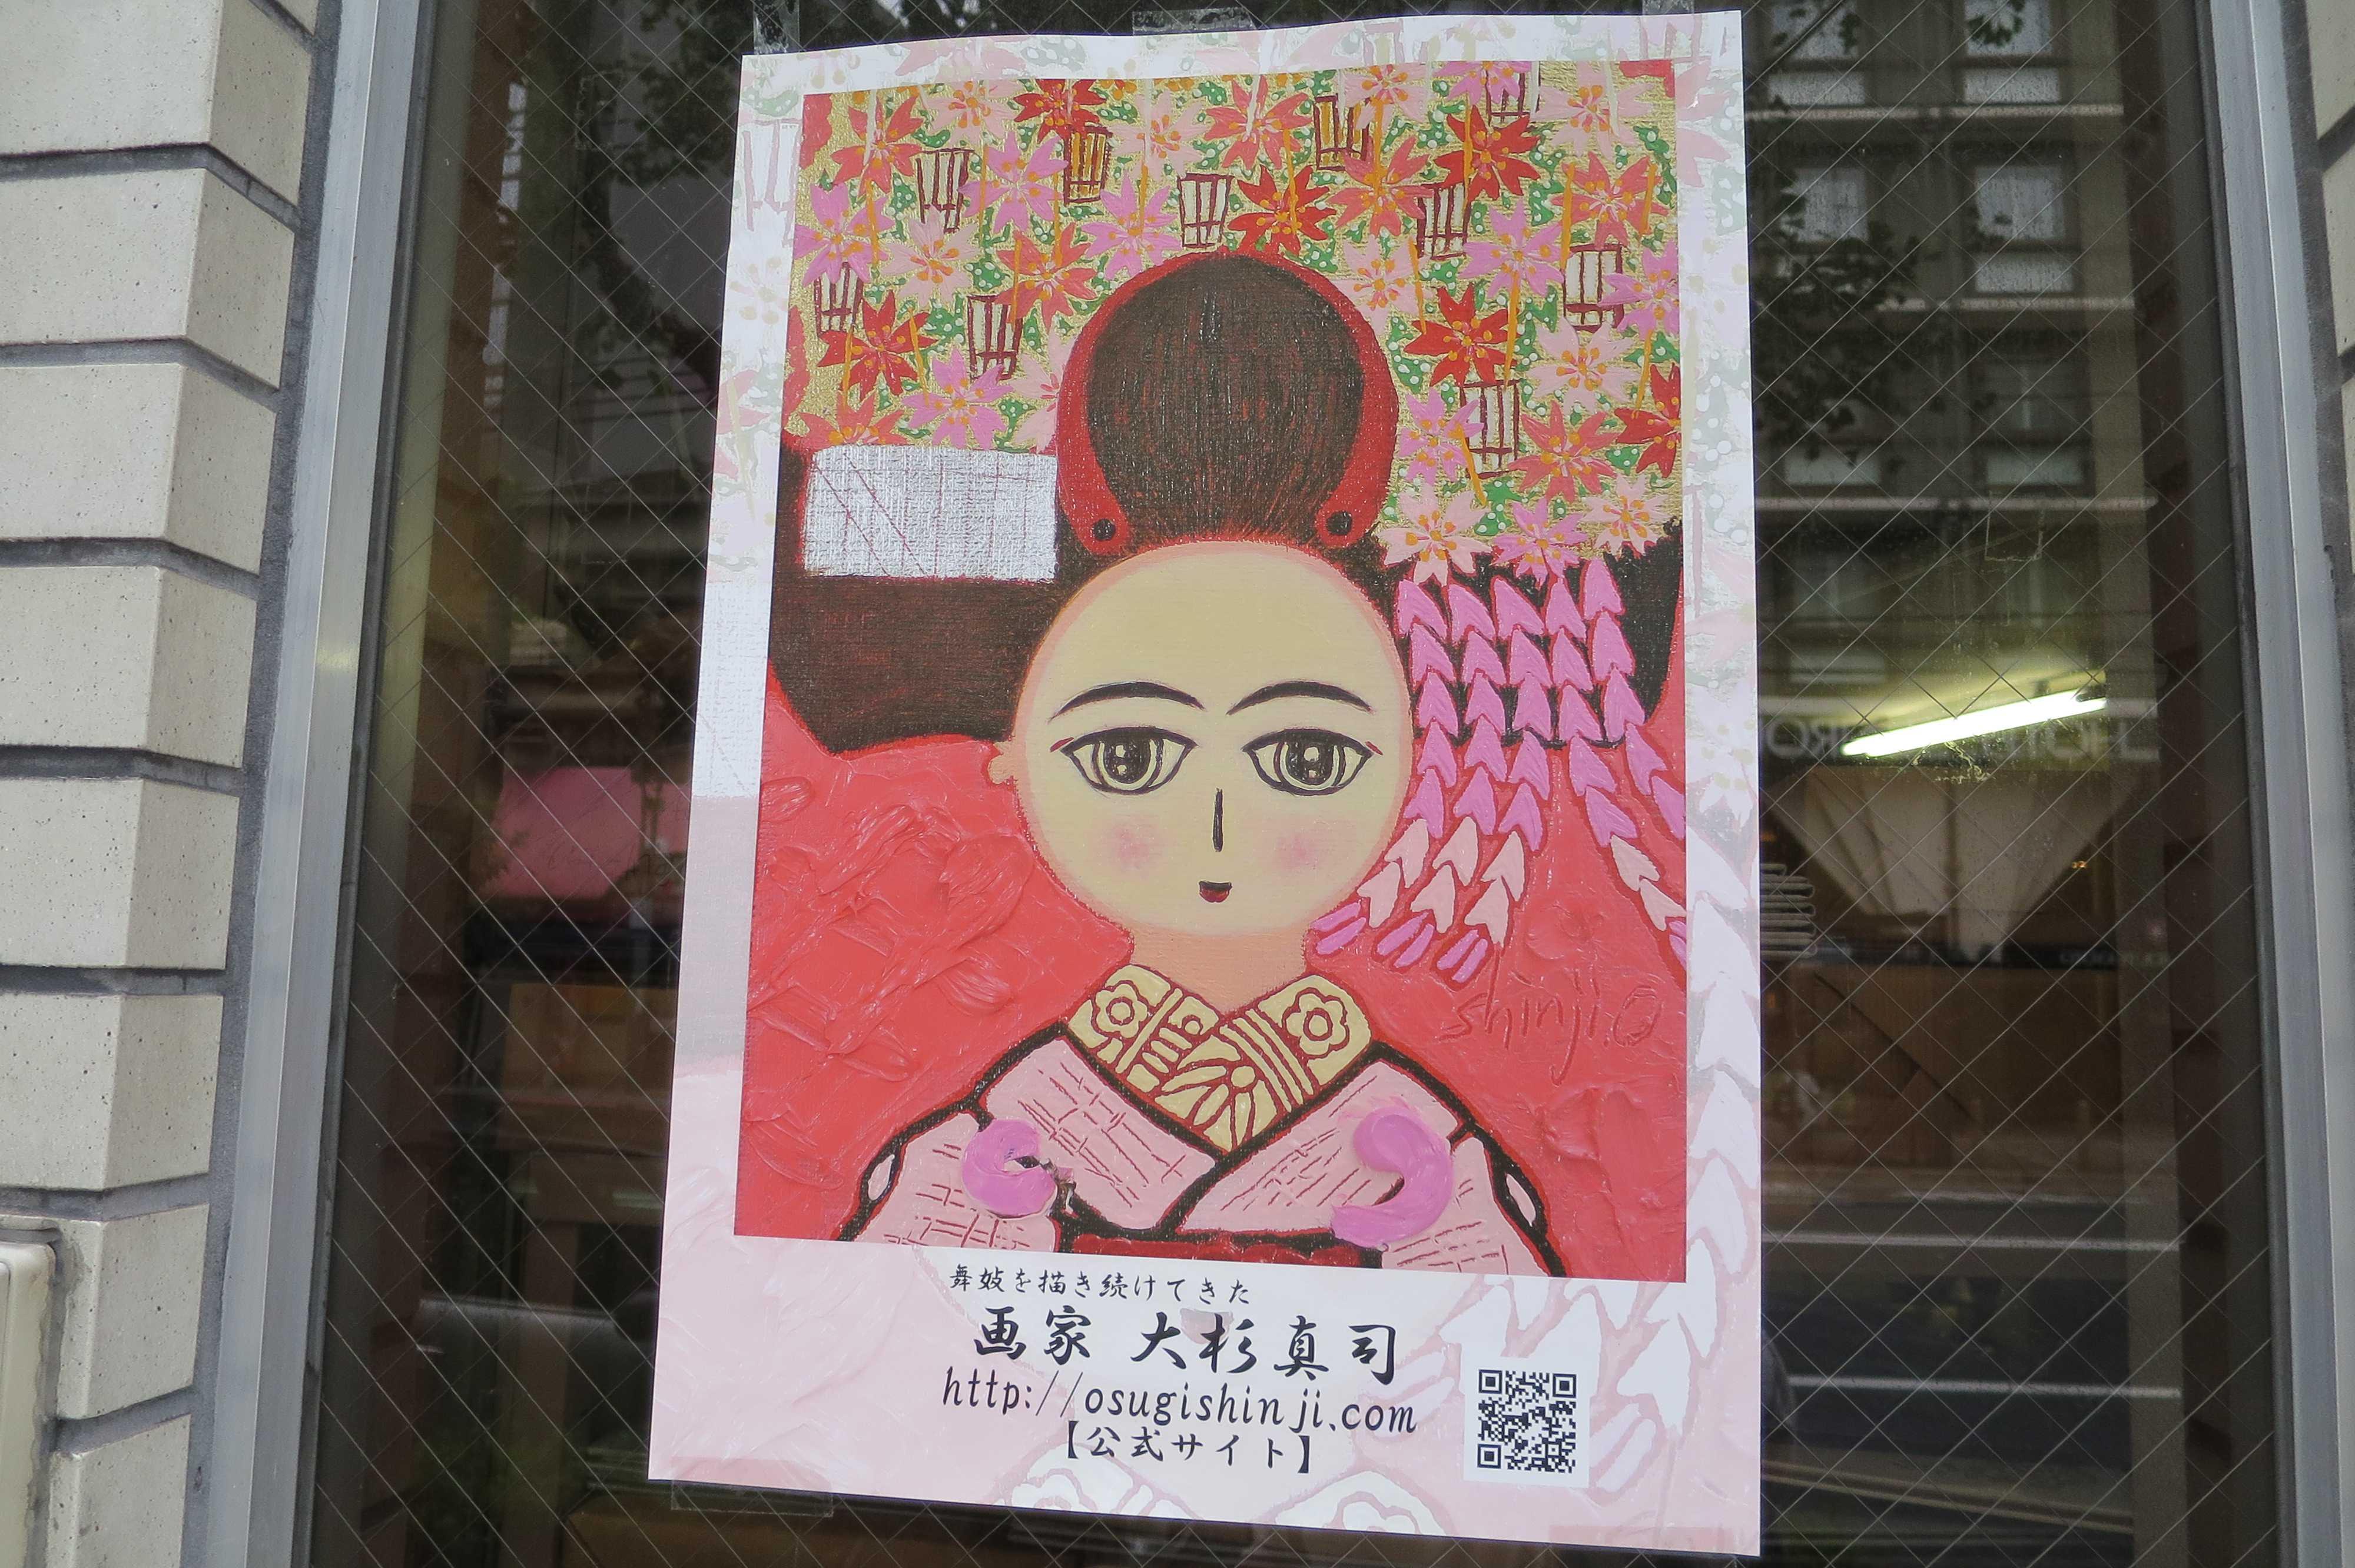 舞妓を描き続けてきた画家 大杉信司のポスター